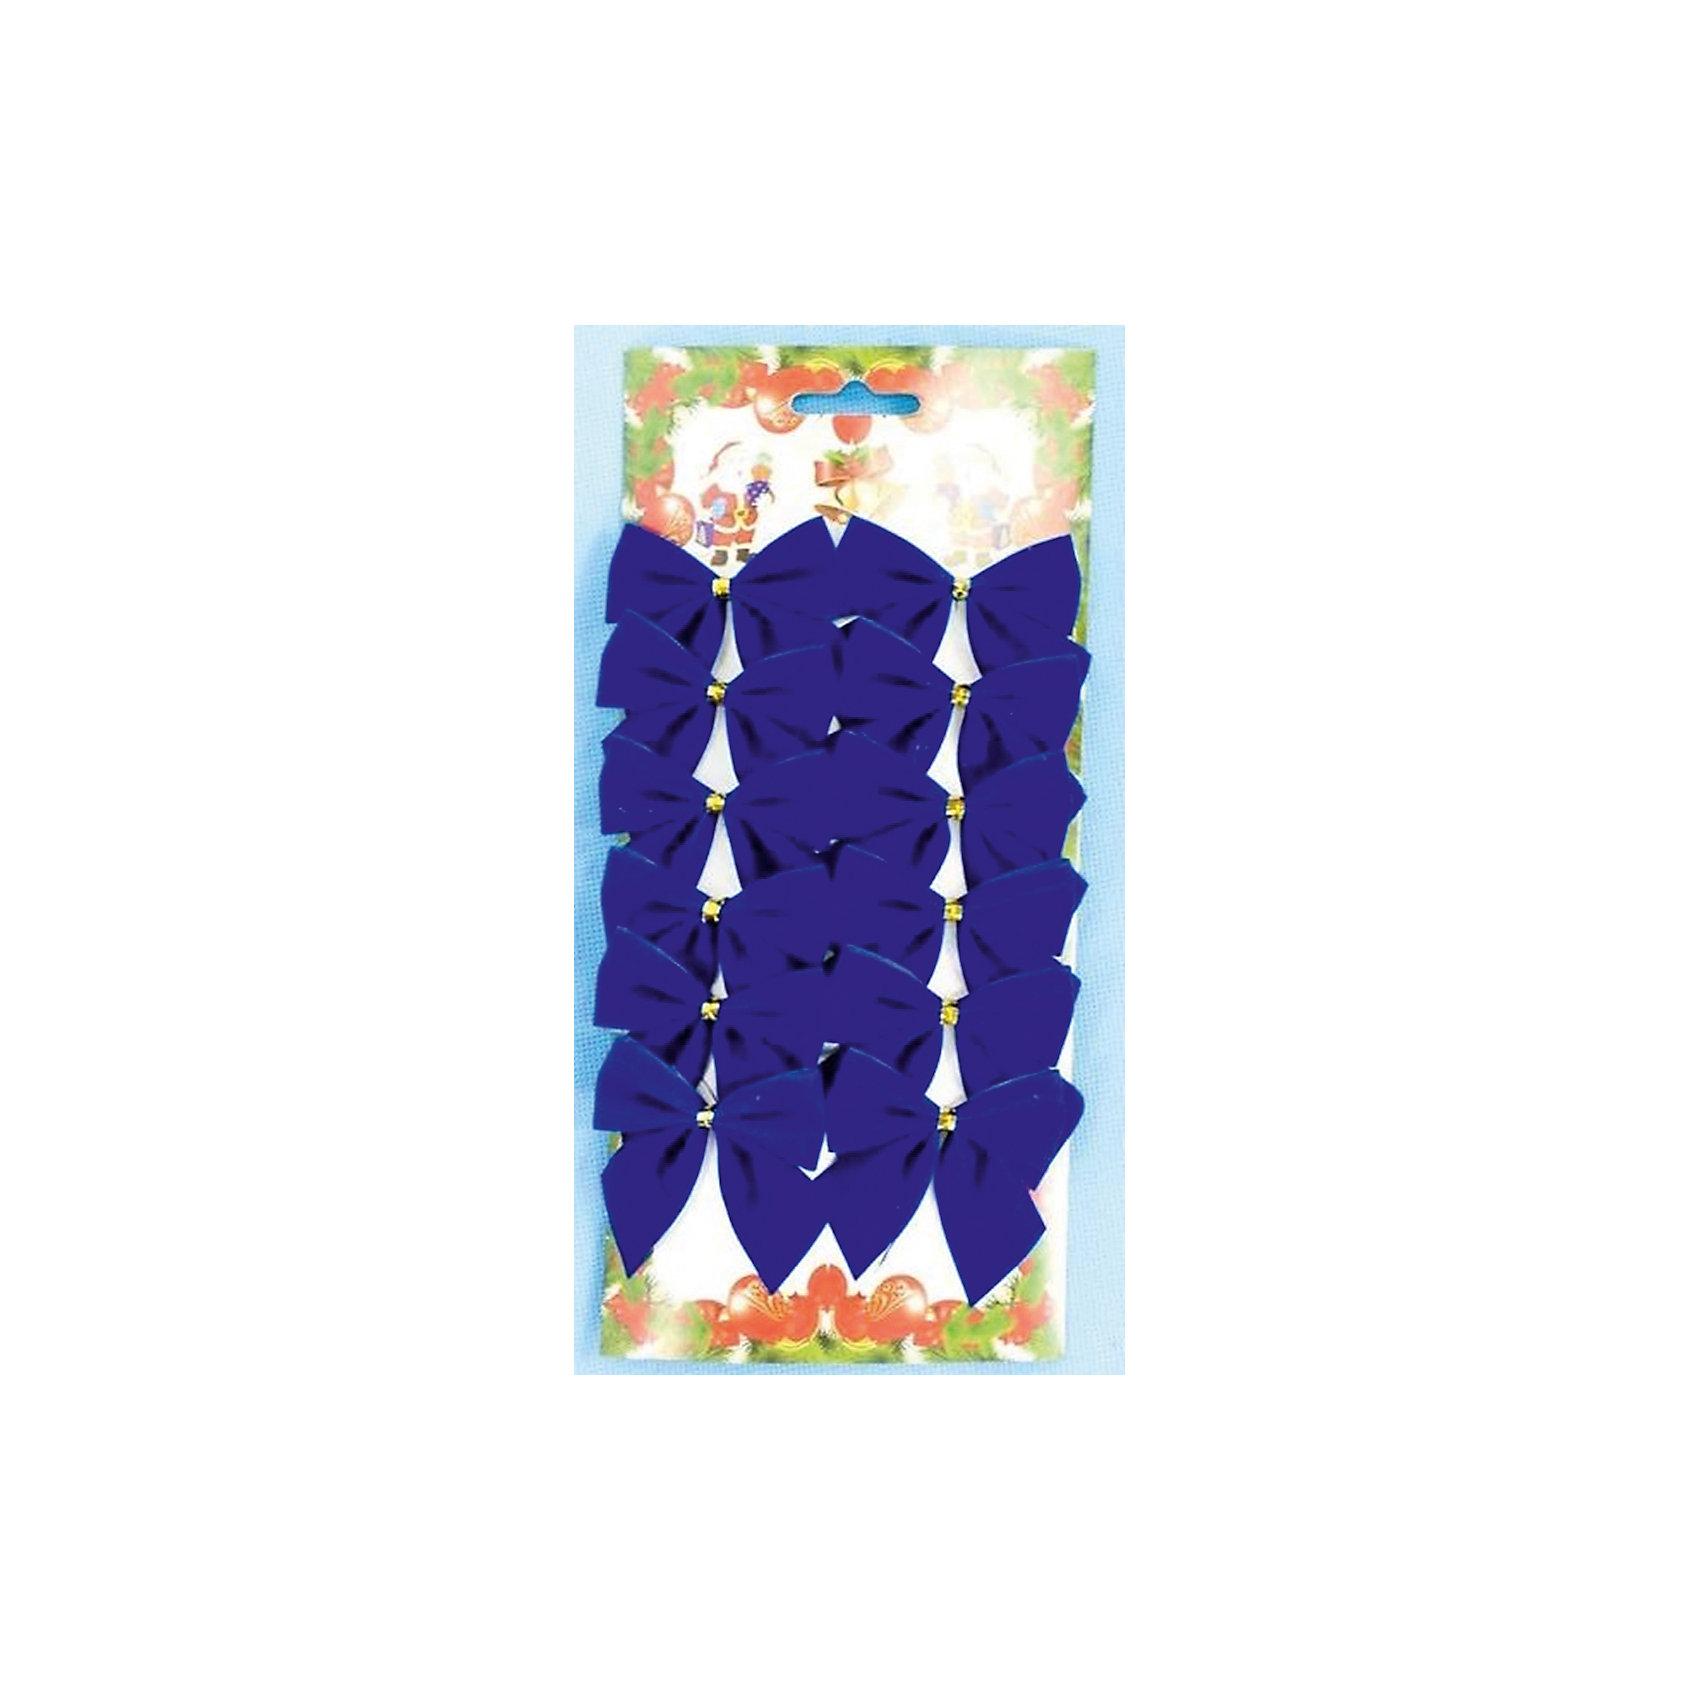 Новогоднее украшение Синий бантУкрашение новогоднее БАНТ Синие арт.42771 / 5х5<br><br>Ширина мм: 130<br>Глубина мм: 280<br>Высота мм: 5<br>Вес г: 20<br>Возраст от месяцев: 60<br>Возраст до месяцев: 600<br>Пол: Унисекс<br>Возраст: Детский<br>SKU: 5144590